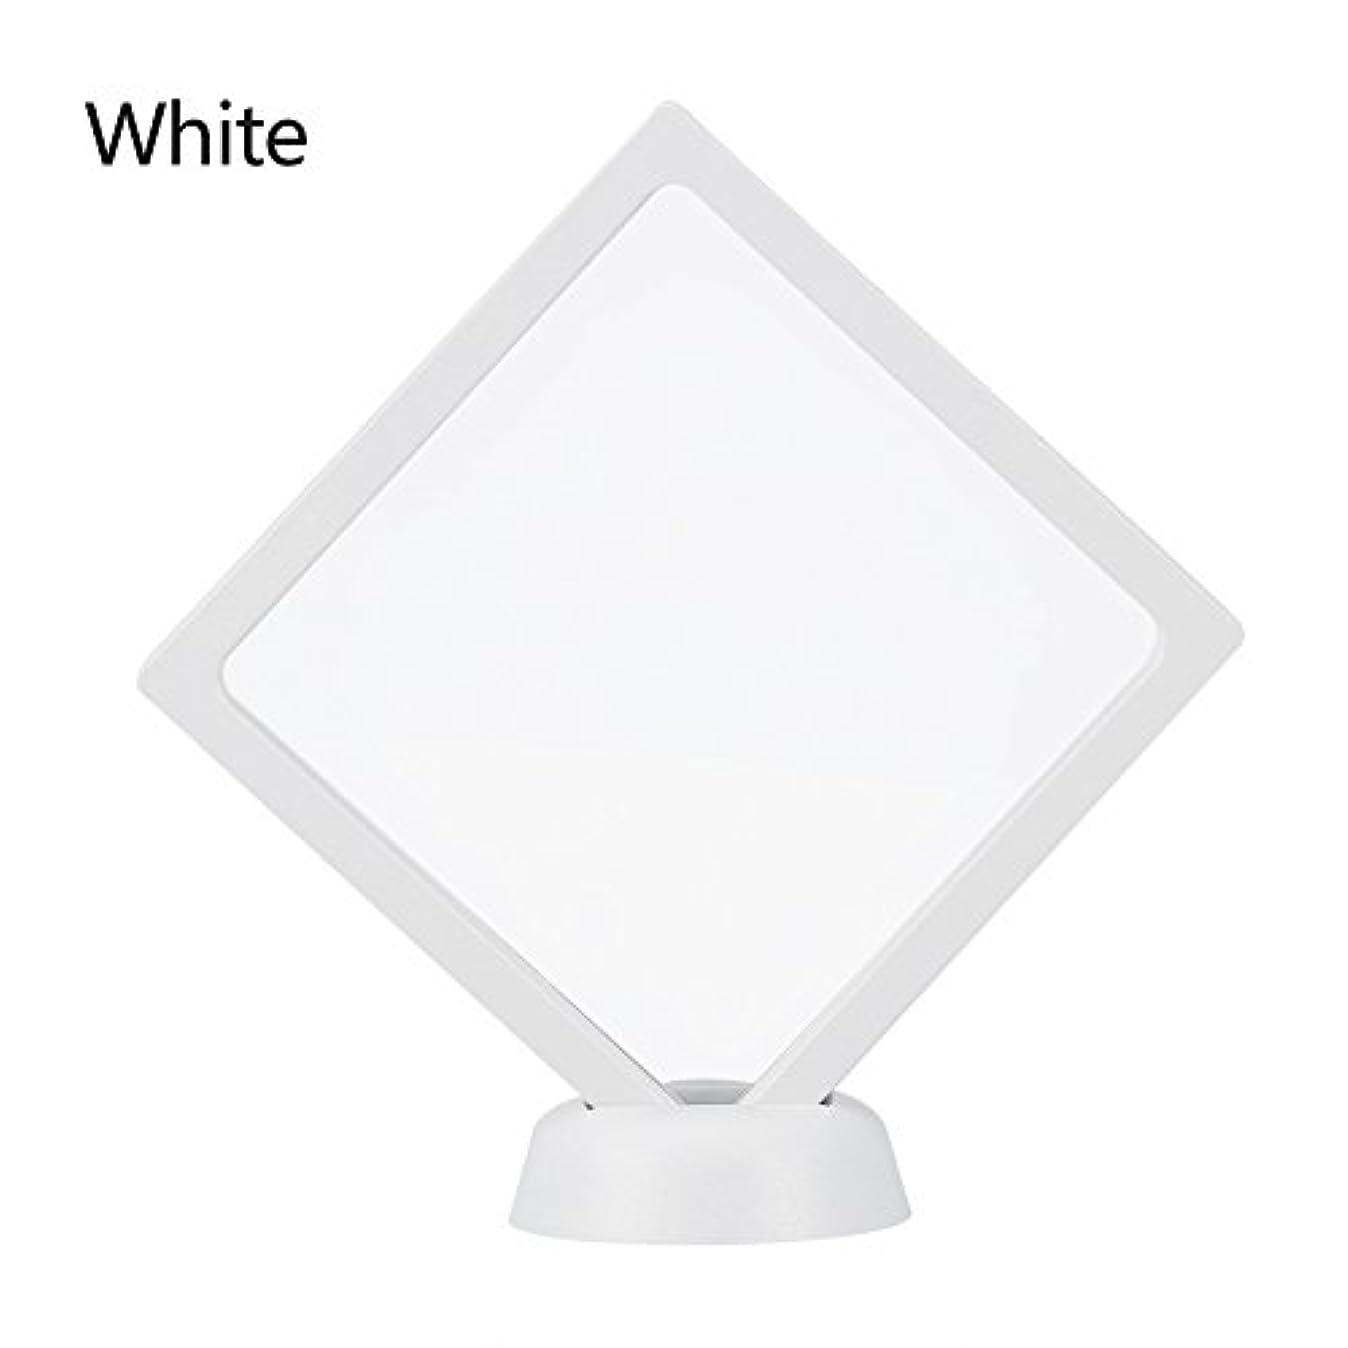 退屈神秘電話するアクリルネイルプレートとPETフィルムディスプレイスクリーン付きの2つのダイヤモンドネイルディスプレイスタンド - 4.3 4.3インチネイルホルダーツール(White)